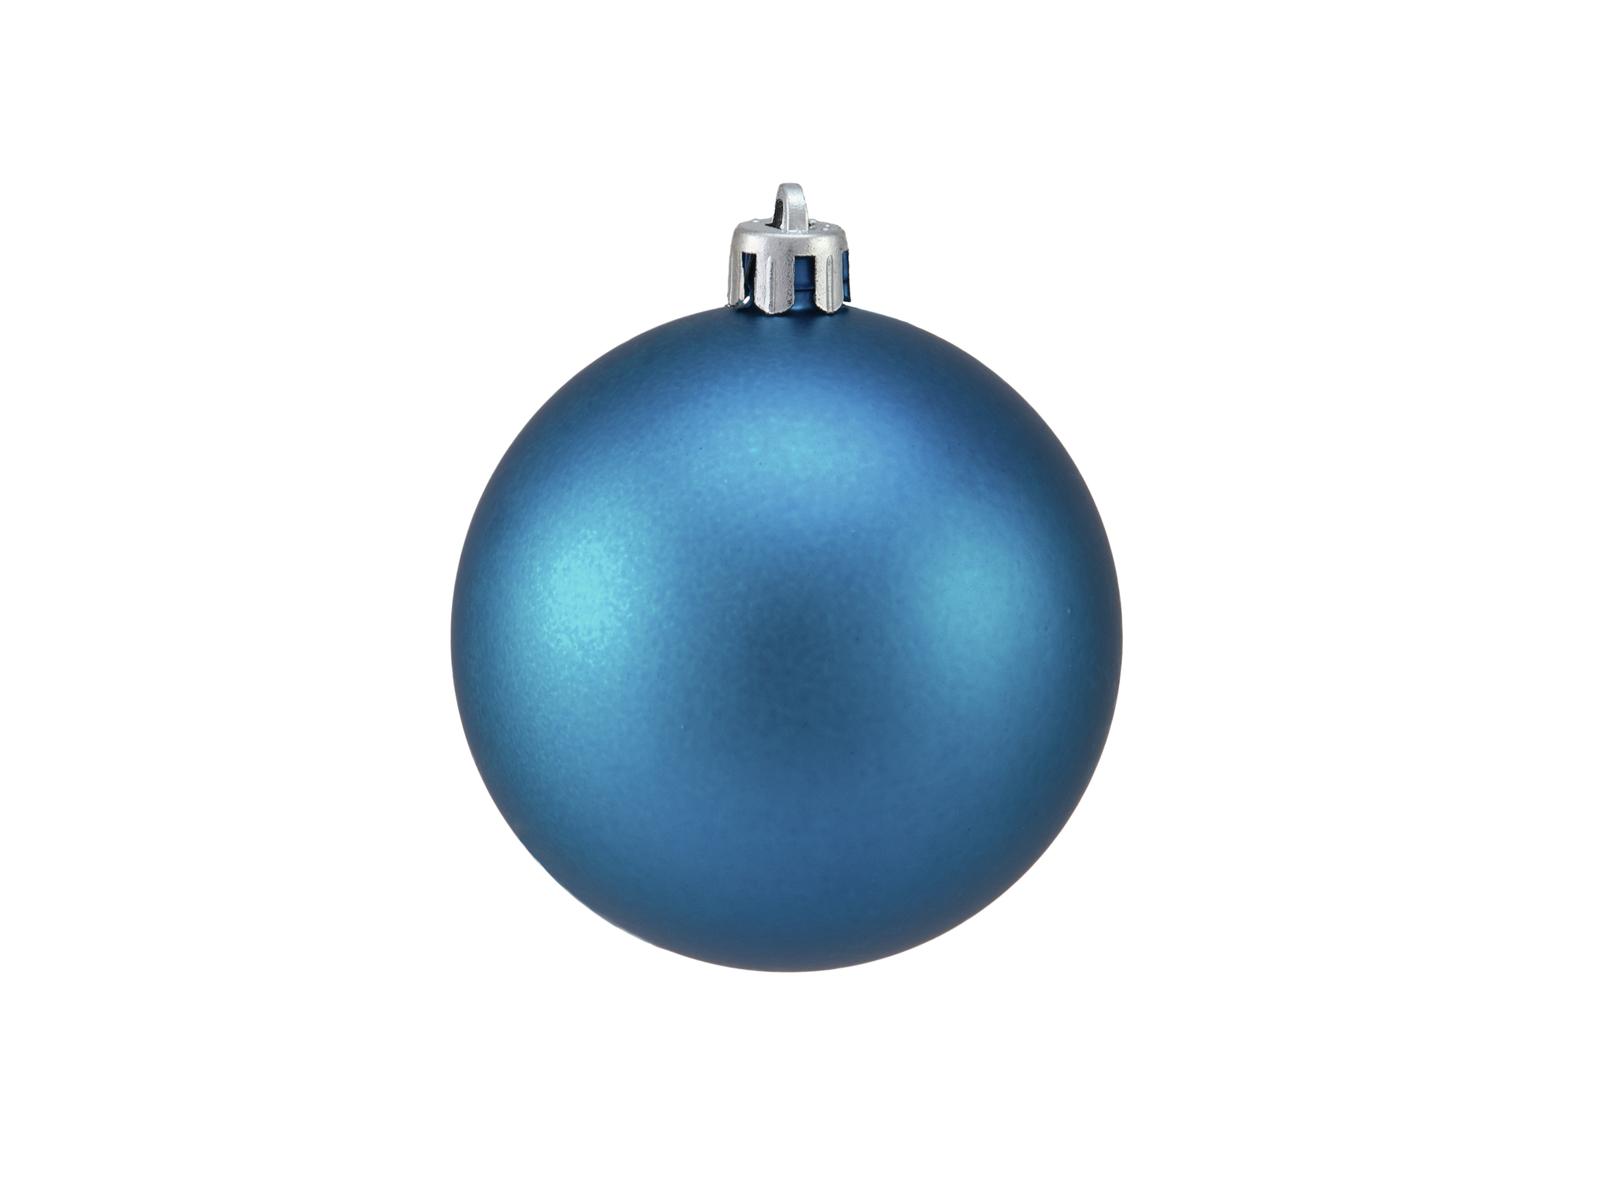 Vánoční dekorační ozdoby, 7 cm, modrá matná, 6 ks